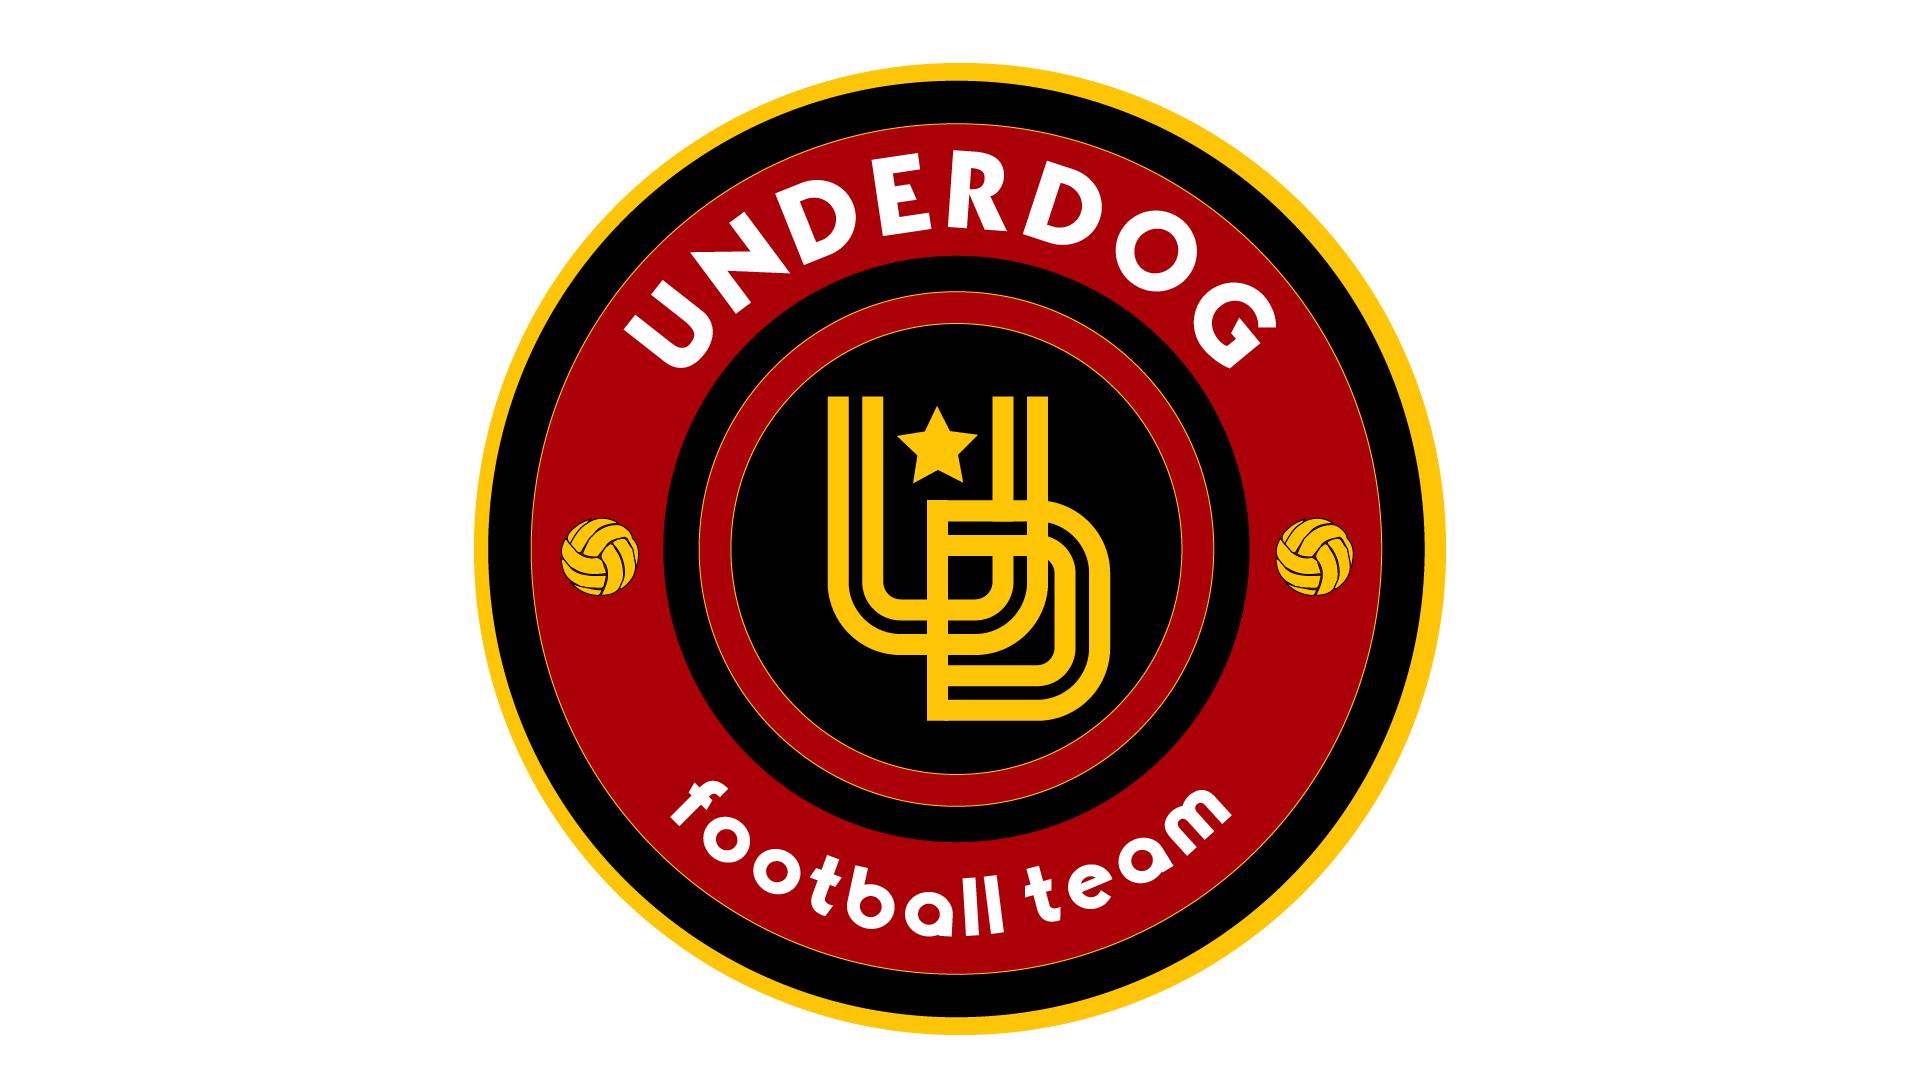 Футбольный клуб UNDERDOG - разработать фирстиль и бренд-бук фото f_5255cb3939618a0c.jpg